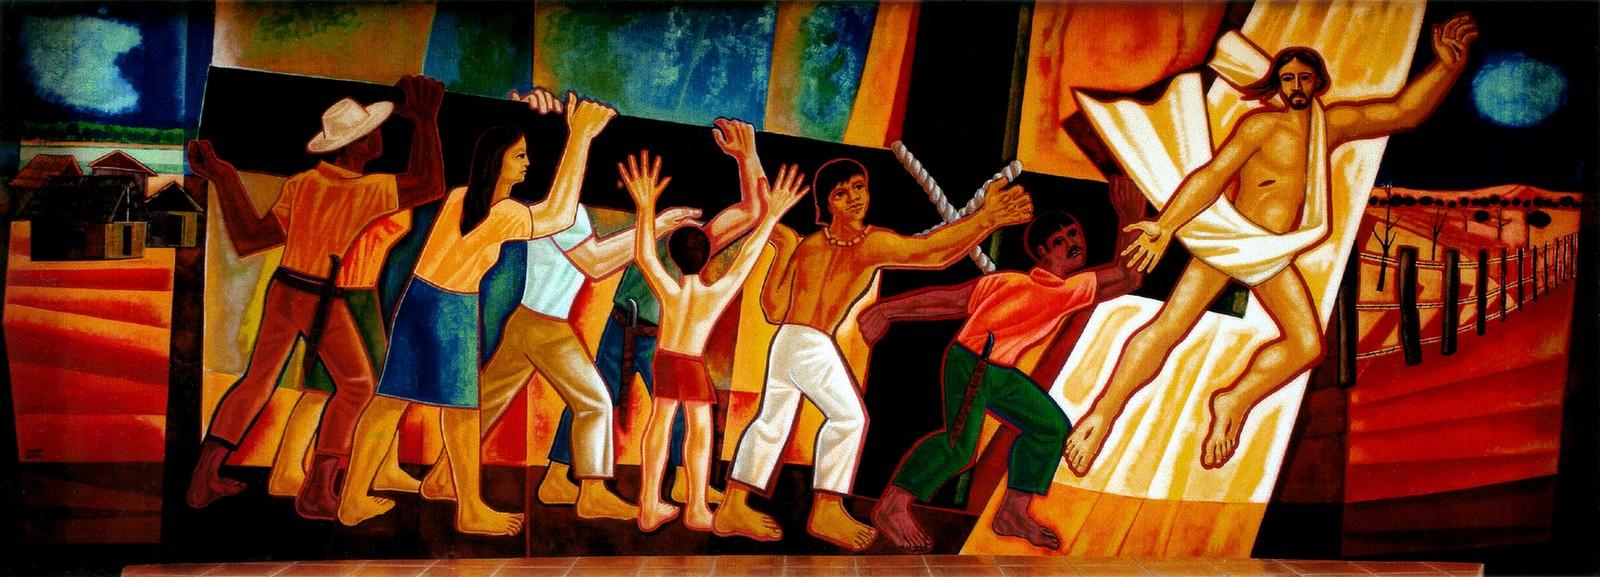 De qué forma el Comunismo Trató de Subvertir al Clero Católico en Latinoamérica